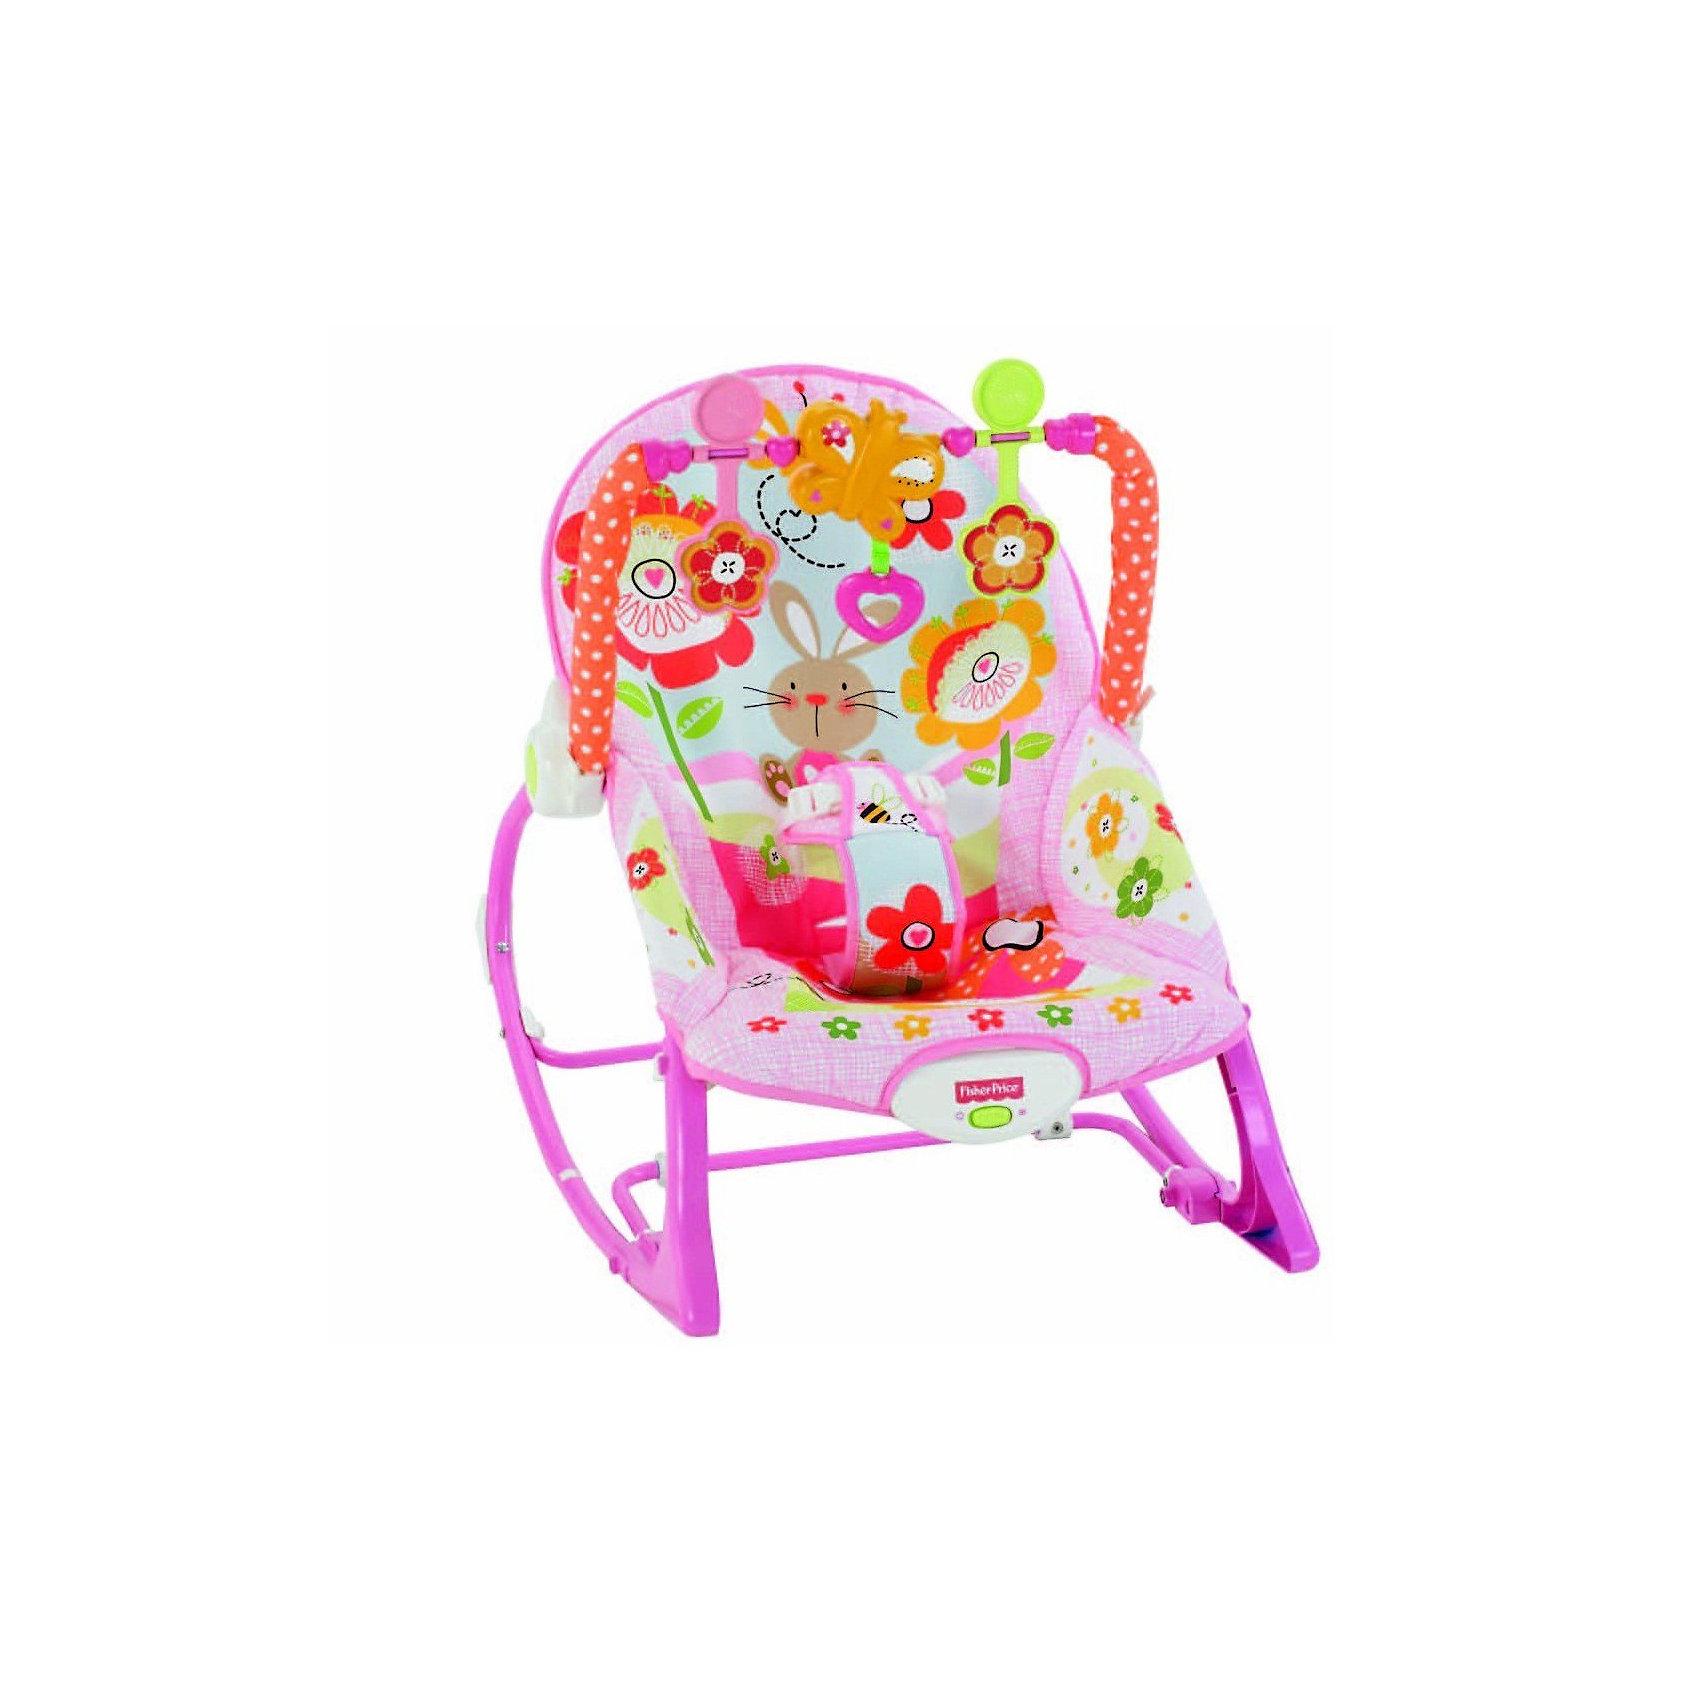 Mattel Кресло-качалка для девочек Растем вместе, Fisher-Price